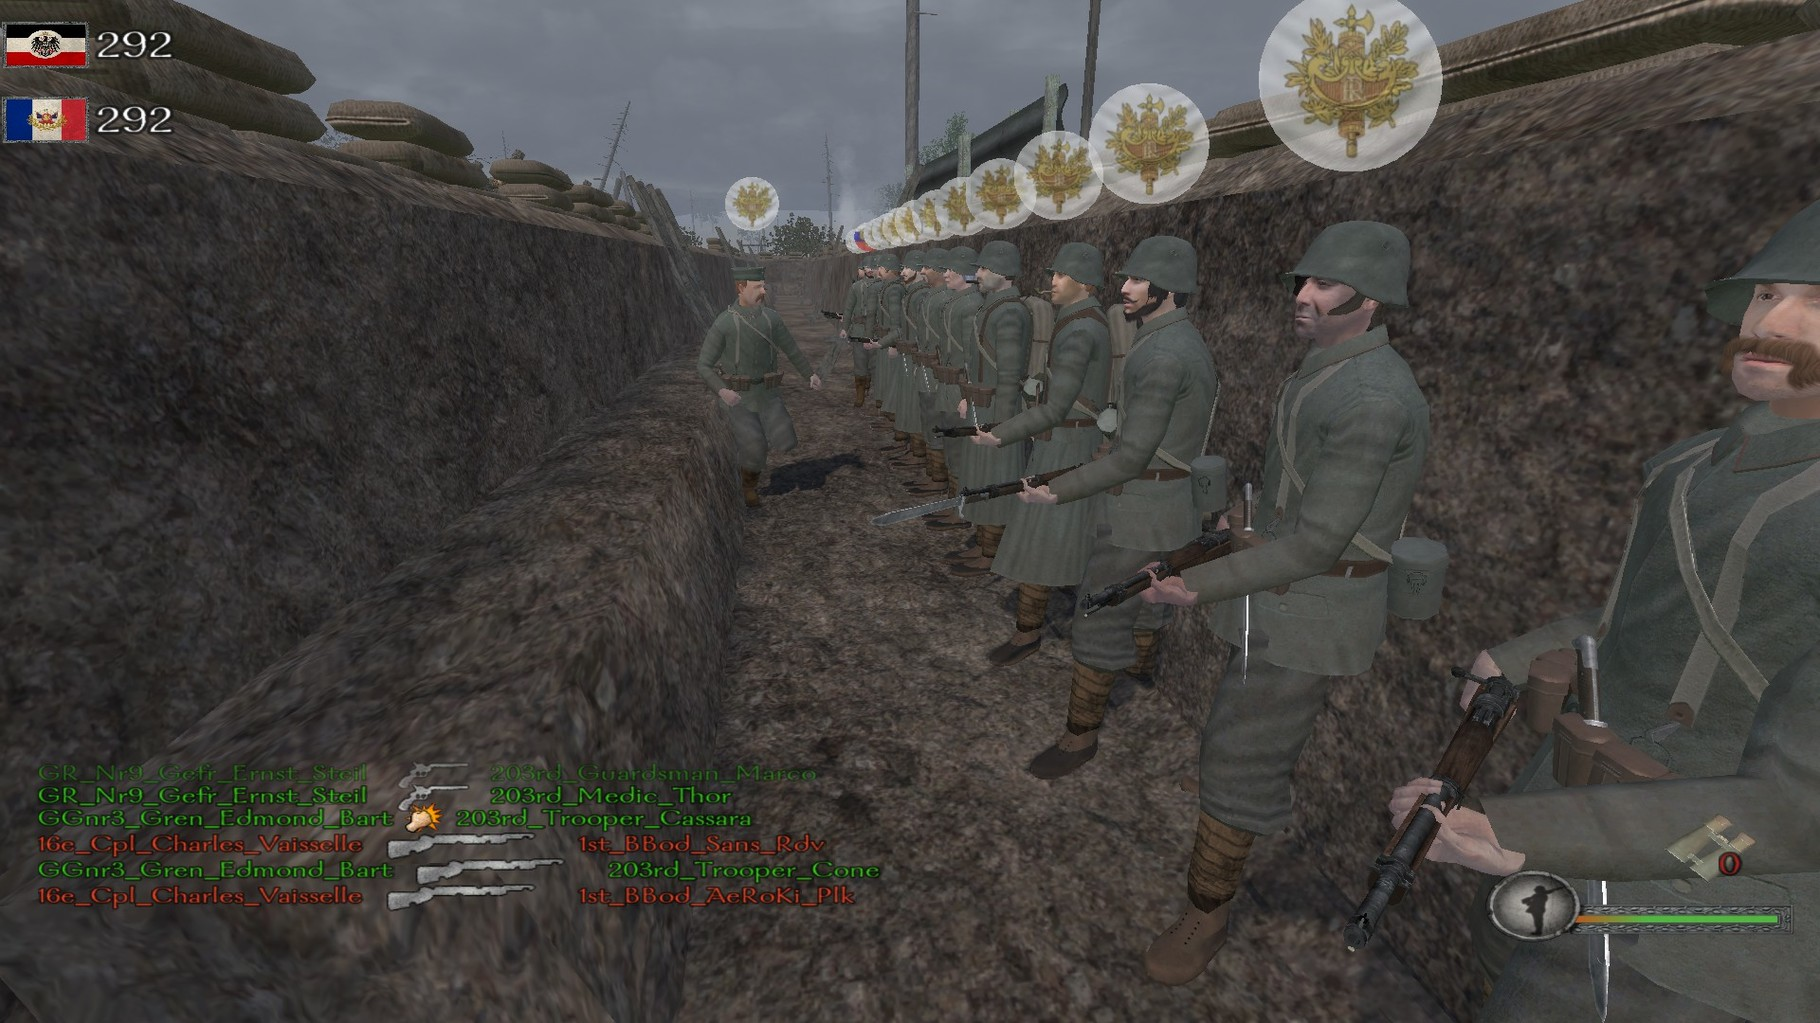 Das 10th in dem Ersten Weltkriegs Mod Iron Europe.